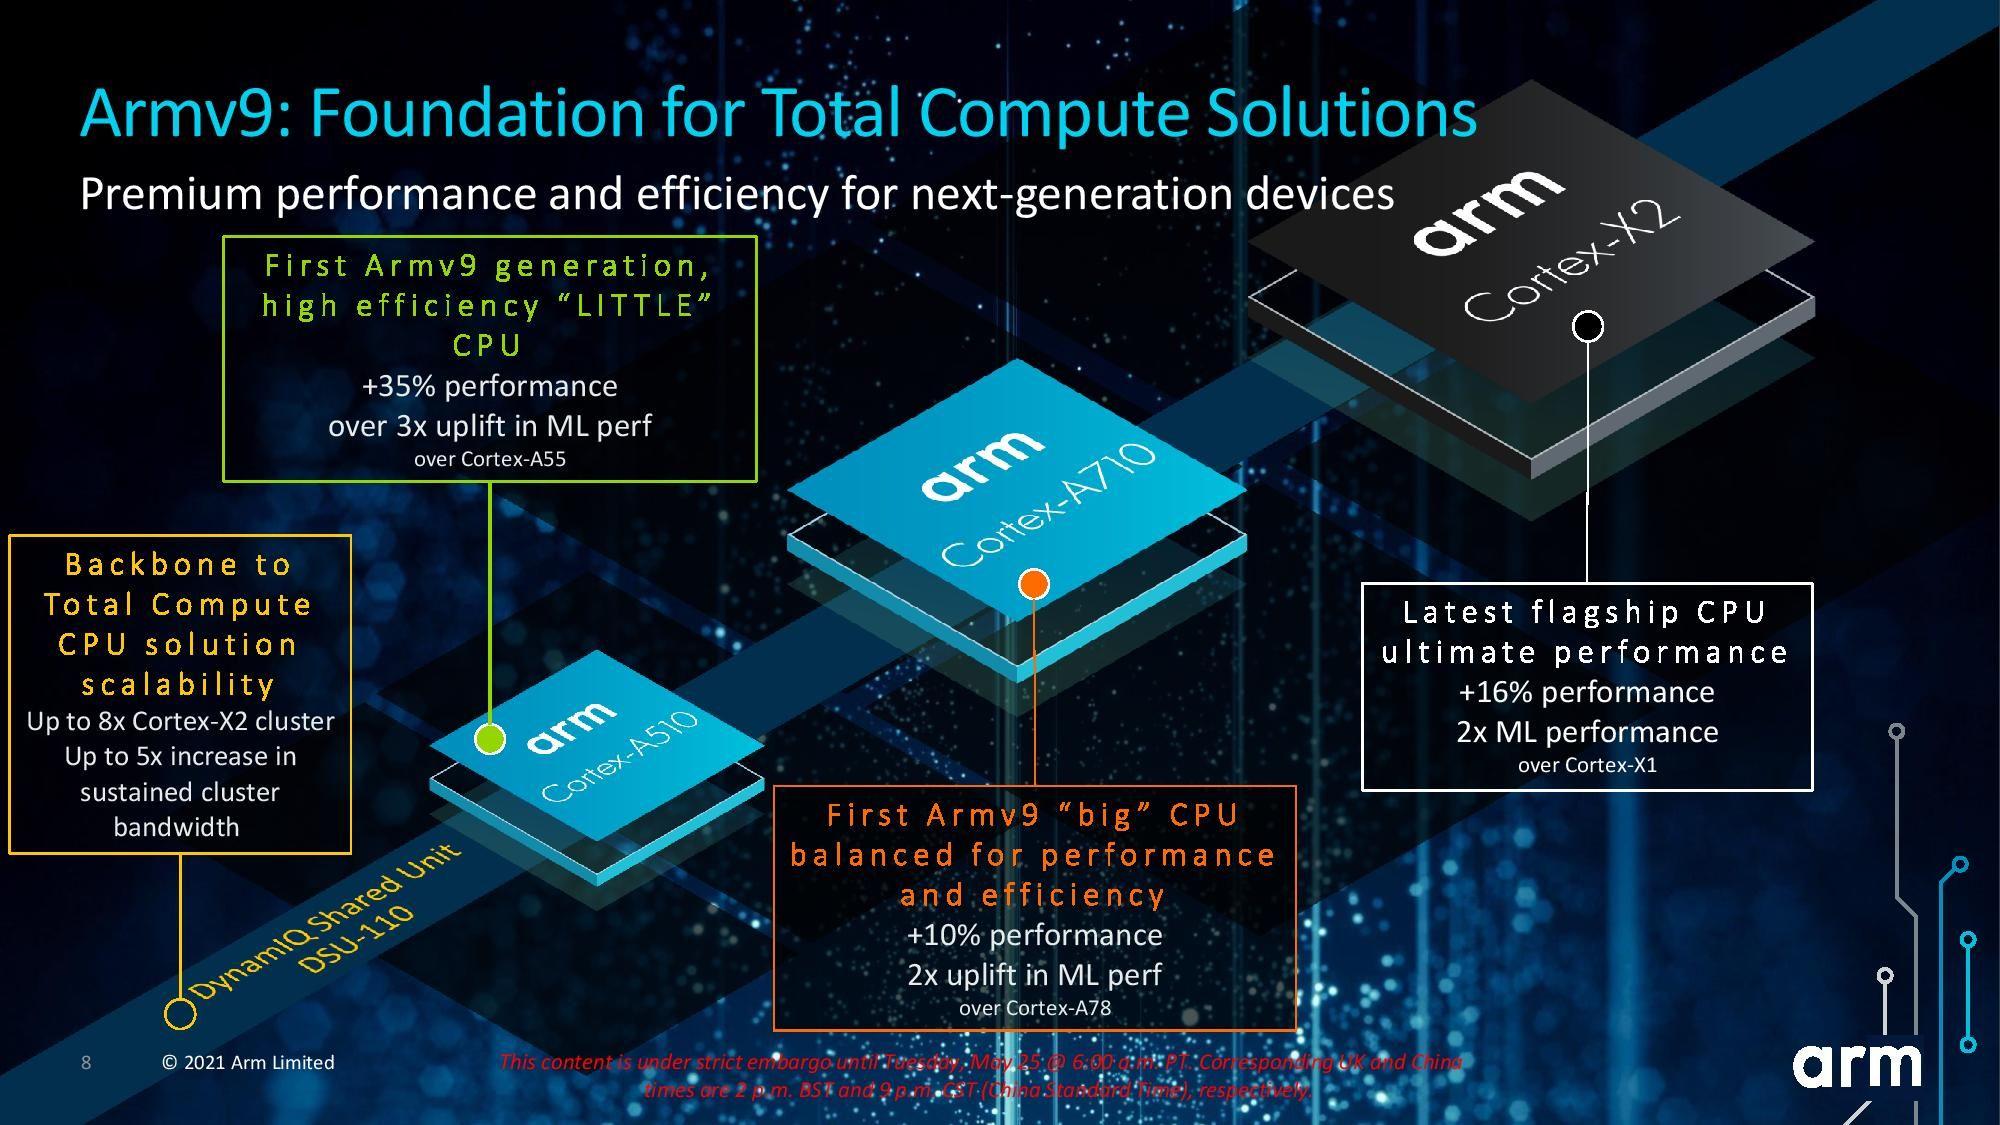 ARM представила ядра CPU и GPU на архитектуре ARM v9 для смартфонов и ноутбуков следующего поколения